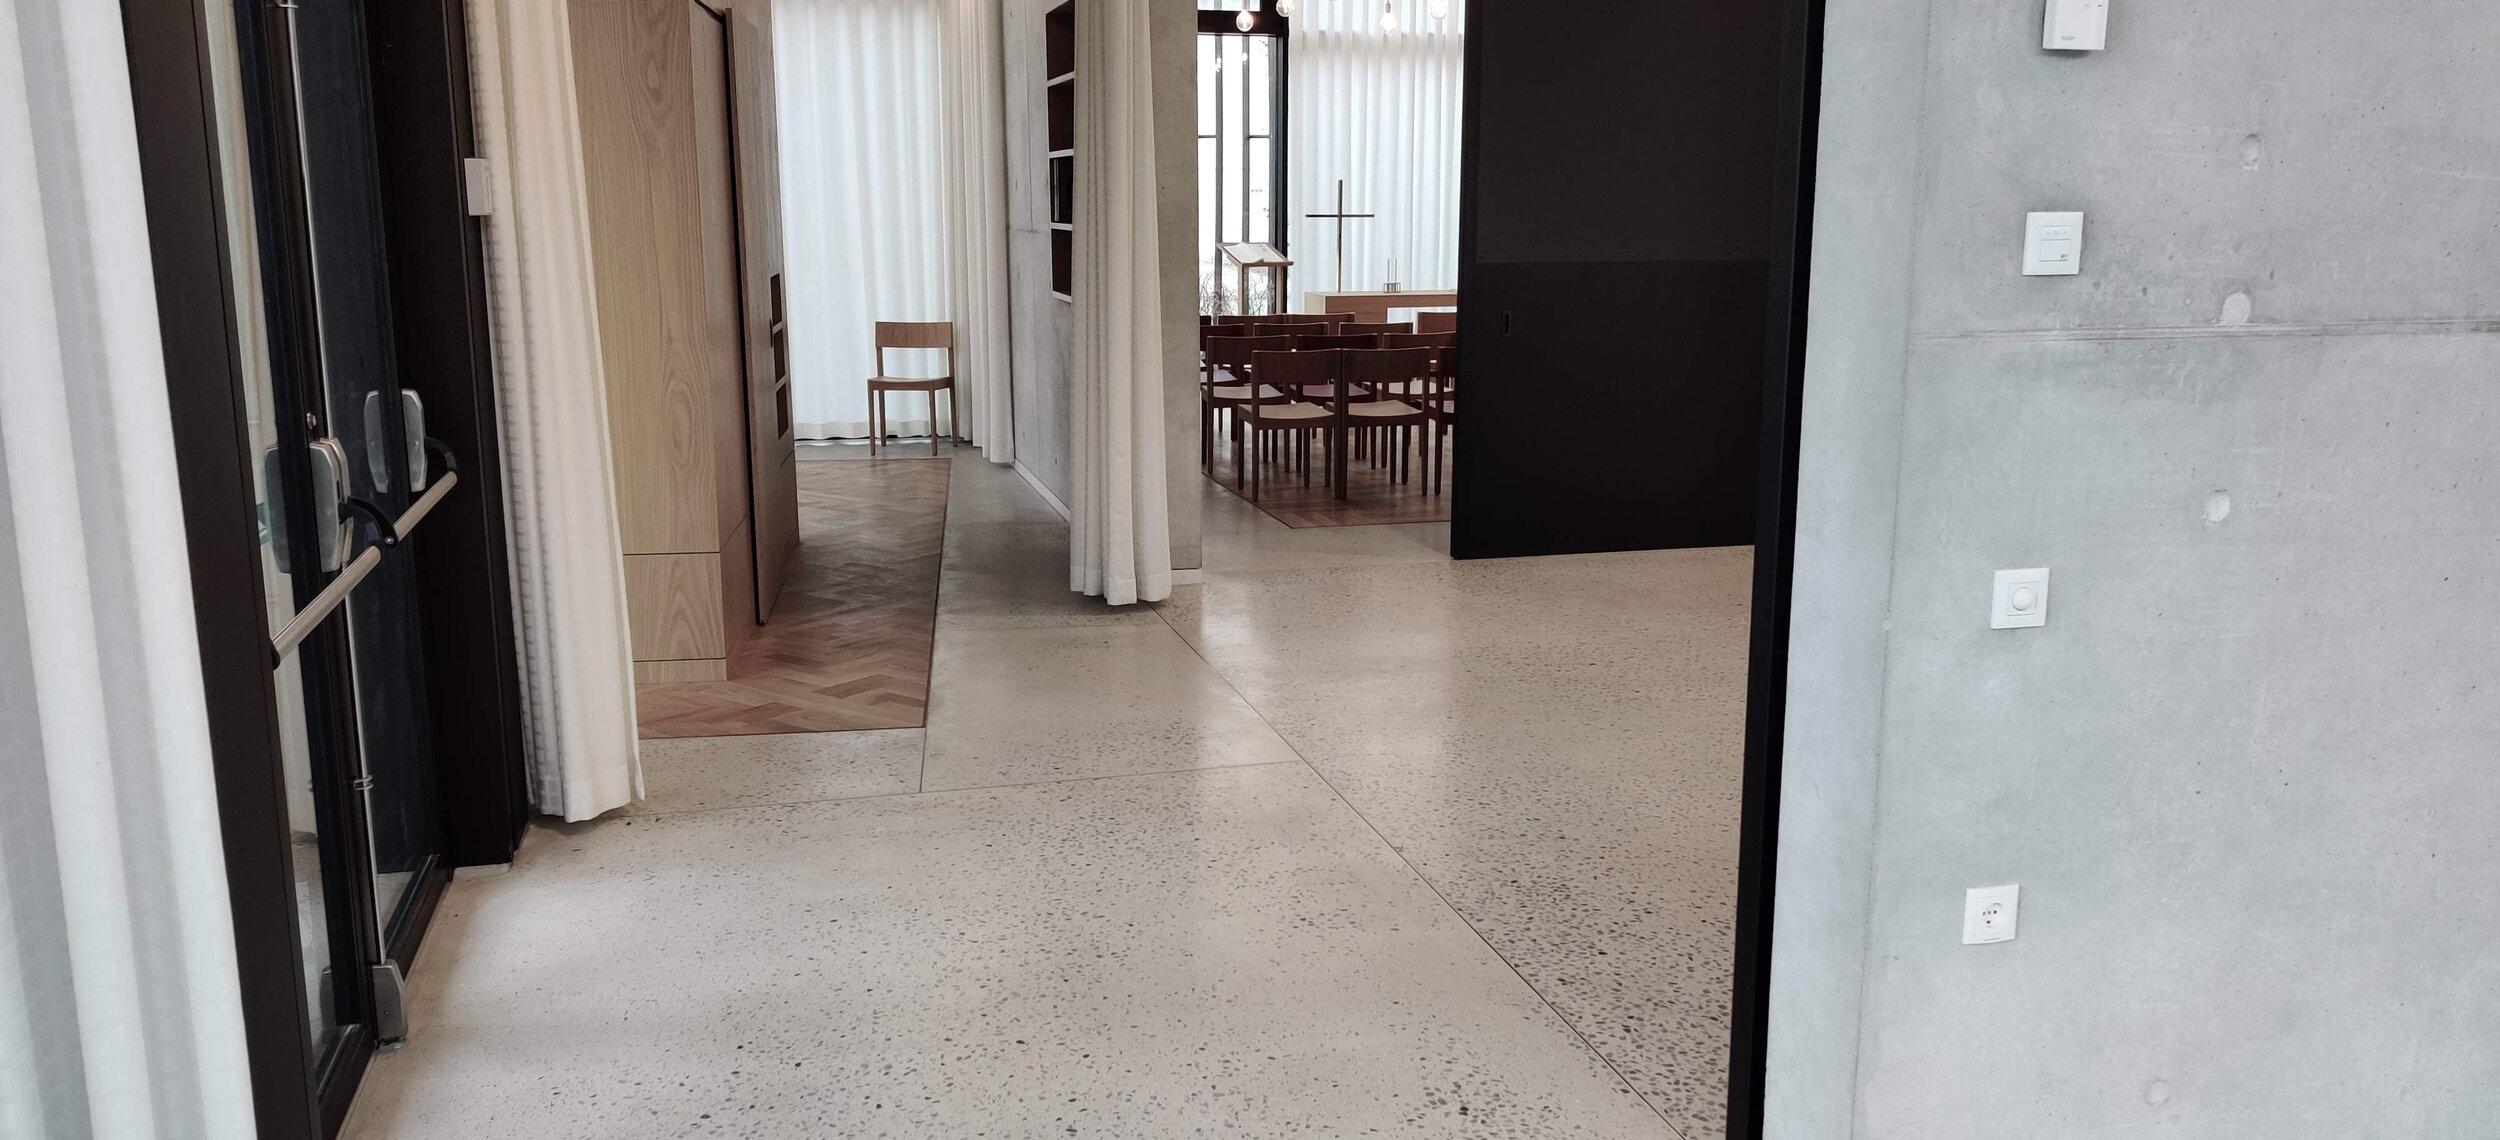 Slebet betongulv, Center For Fordybelse og Tro, Herlev Hospital - Udført i samarbejde med Dansk Belægningsentreprise